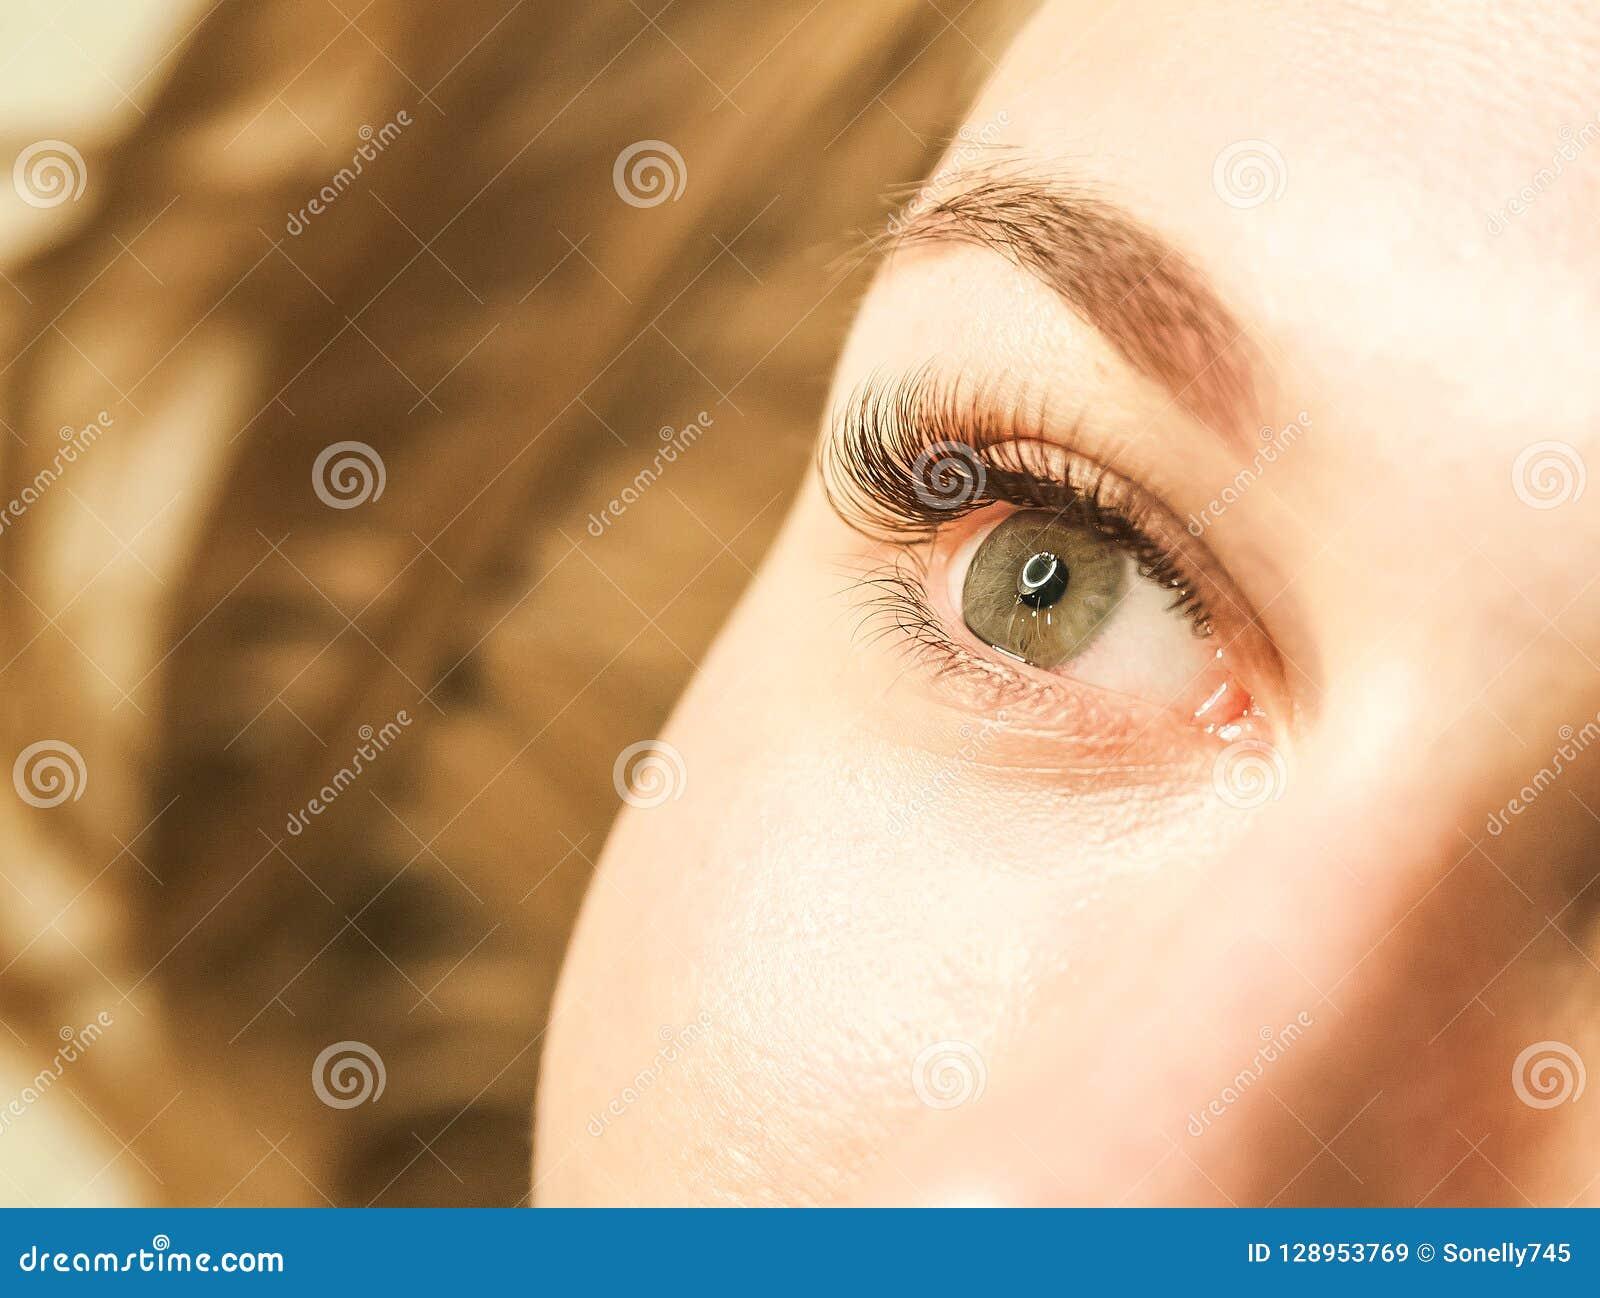 Конец-вверх глаза ` s девушки с плетками Концепция заботить для глаз, расширения ресницы в салон